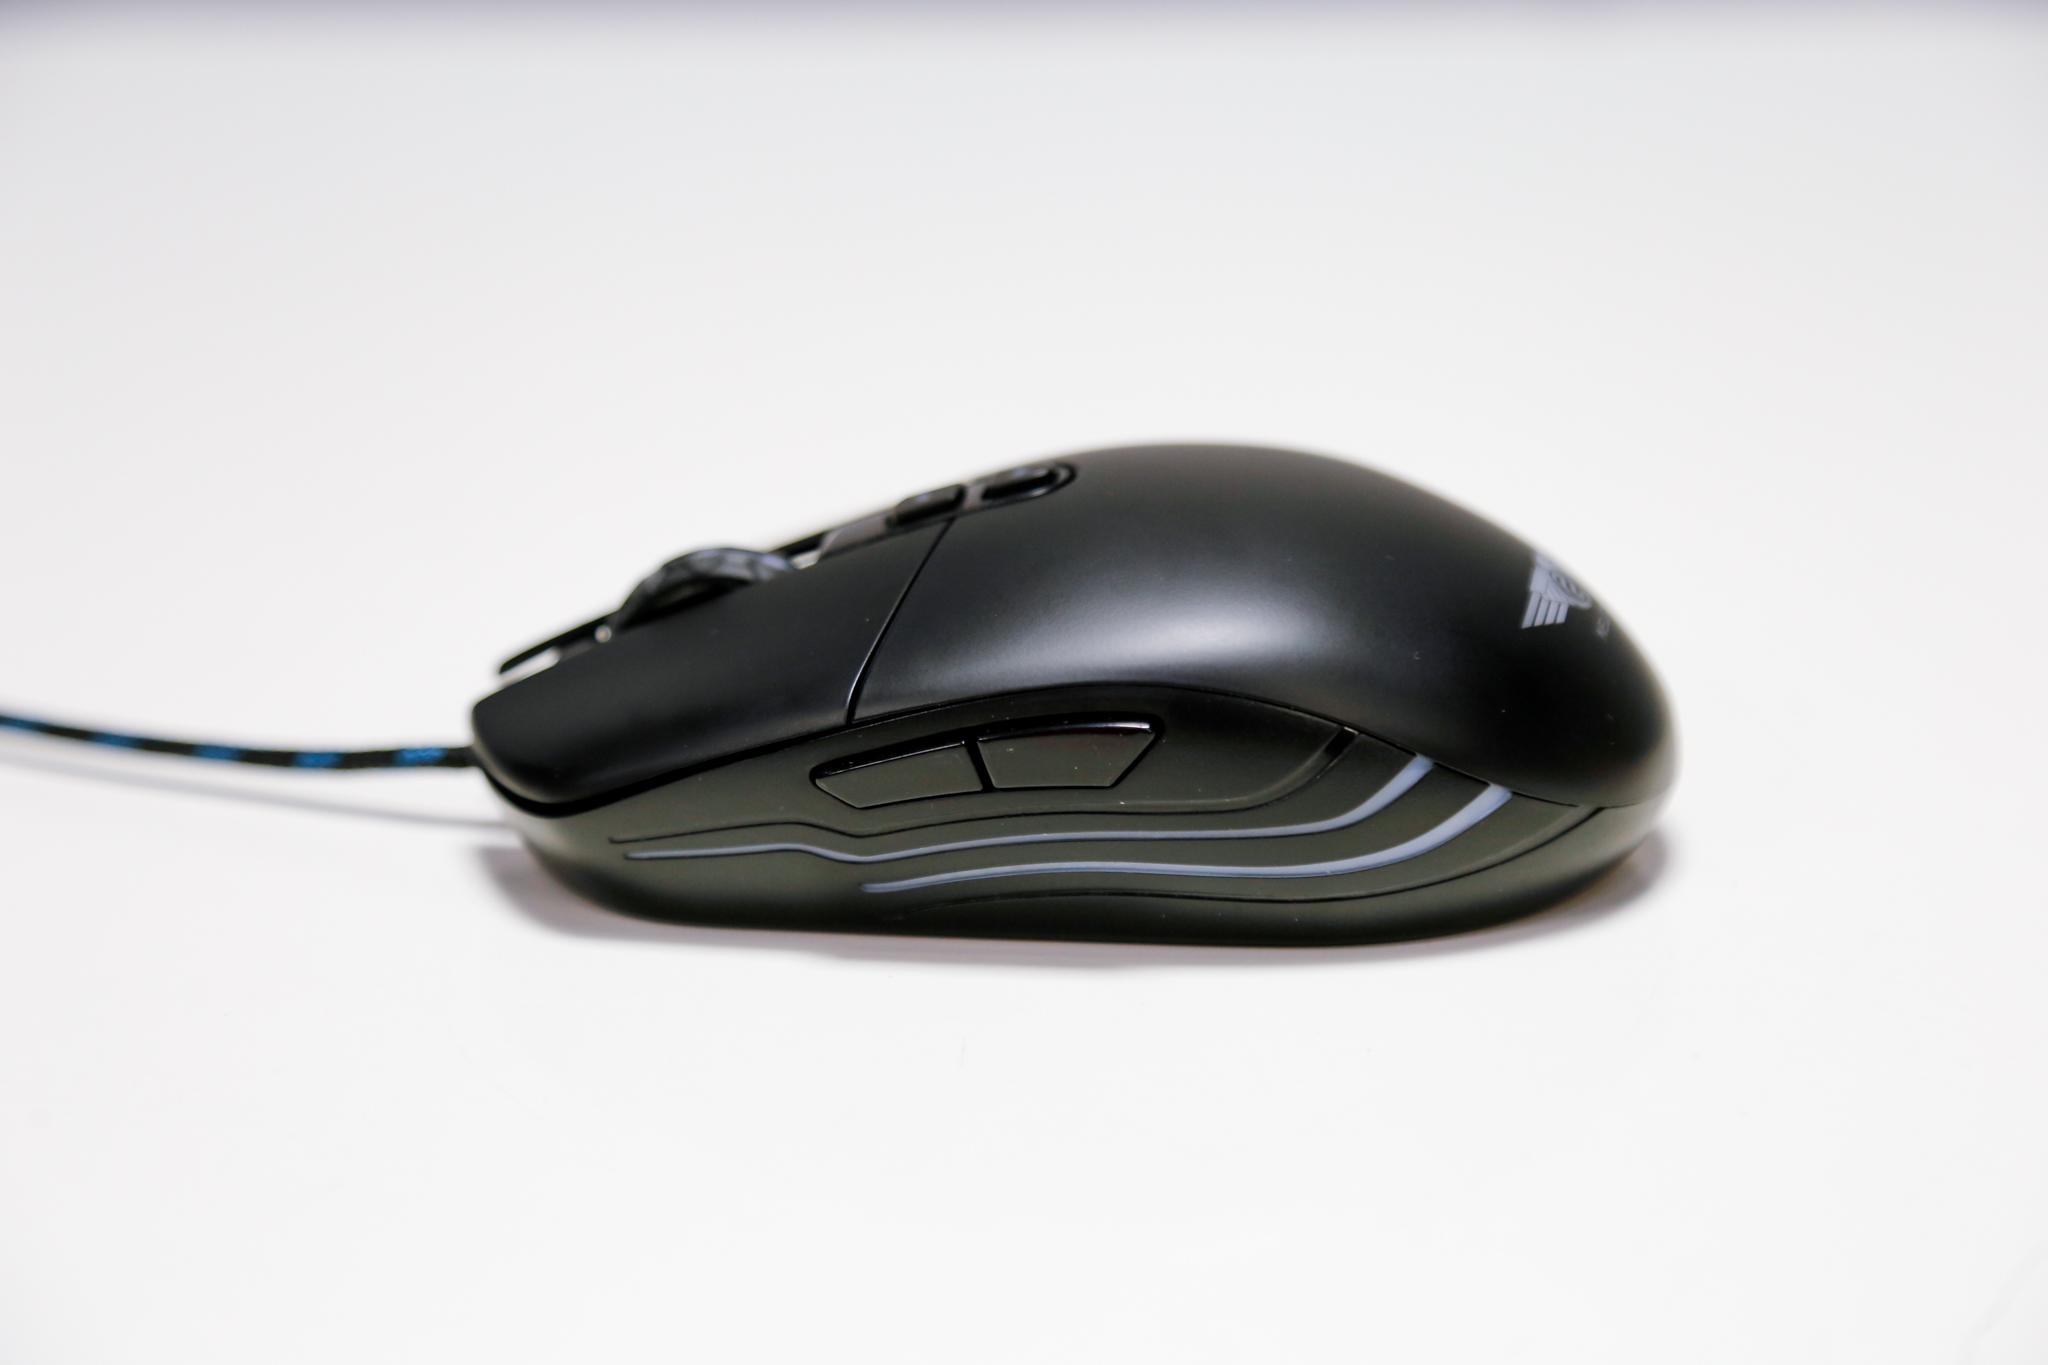 Chuột chơi game Newmen N3000 Led RGB USB có kích  thước nhỏ gọn